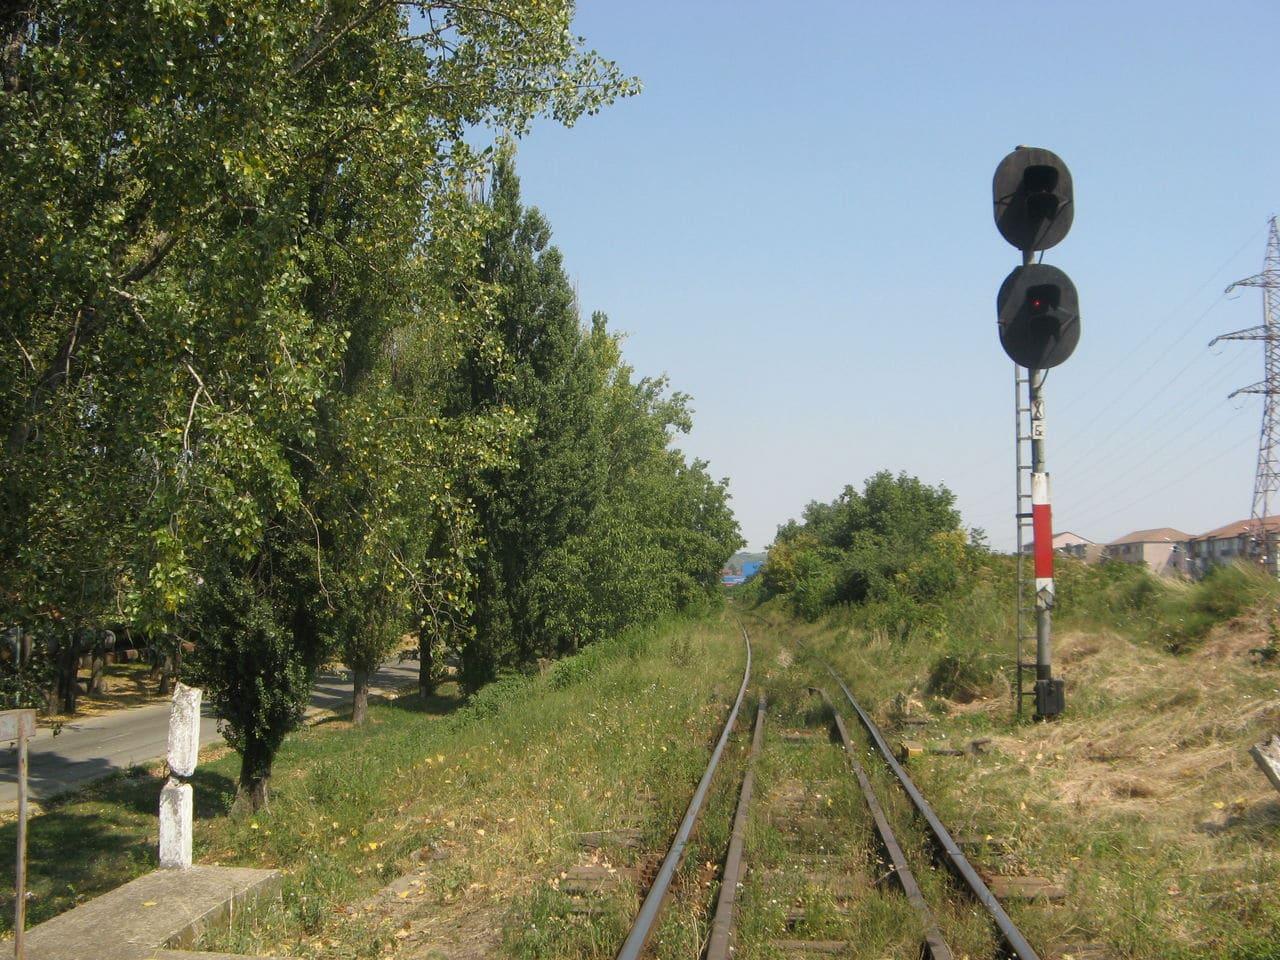 Calea ferată directă Oradea Vest - Episcopia Bihor IMG_0029